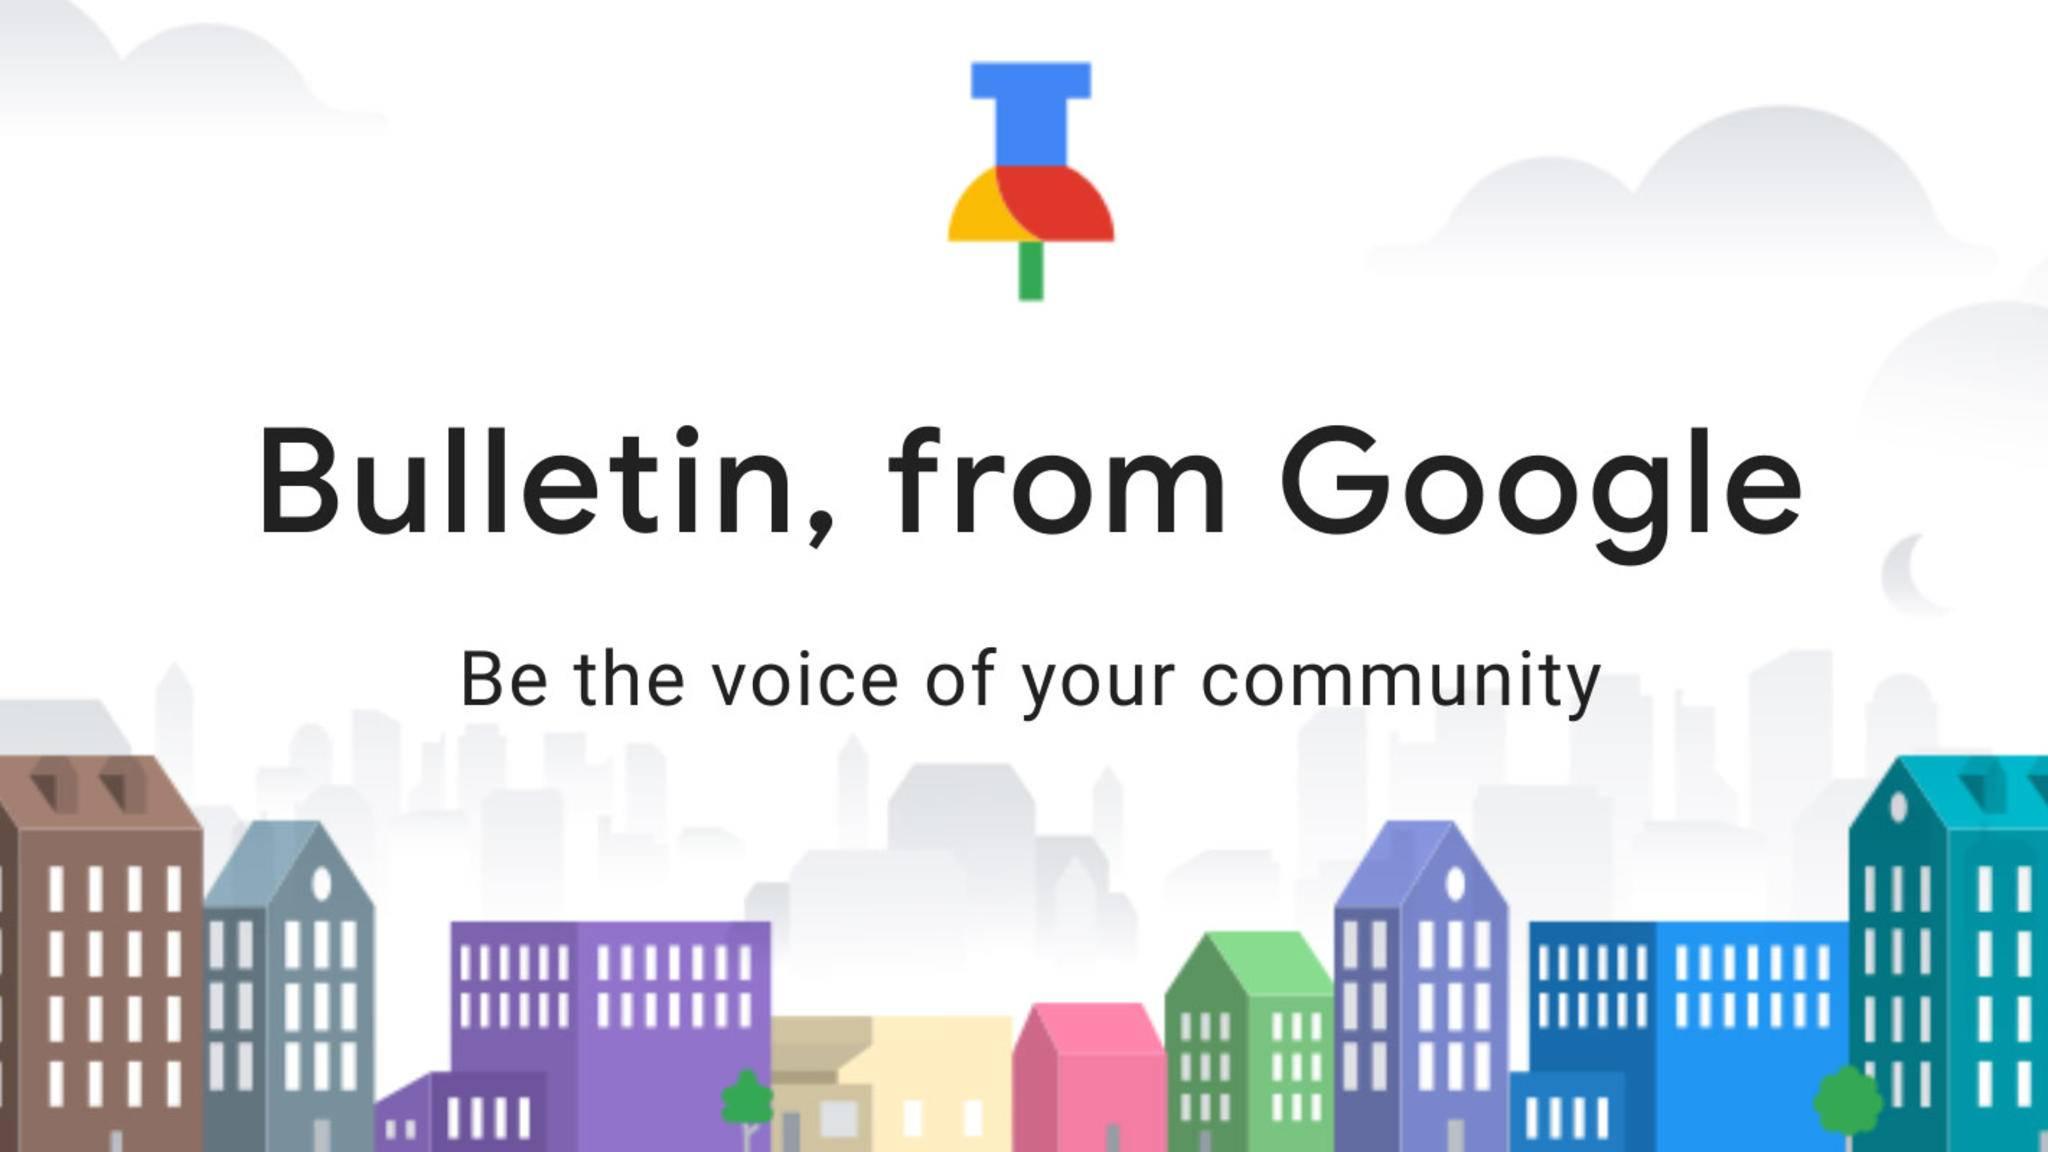 Lokal ist wieder in, denkt sich offenbar auch Google mit der neuen App Bulletin.